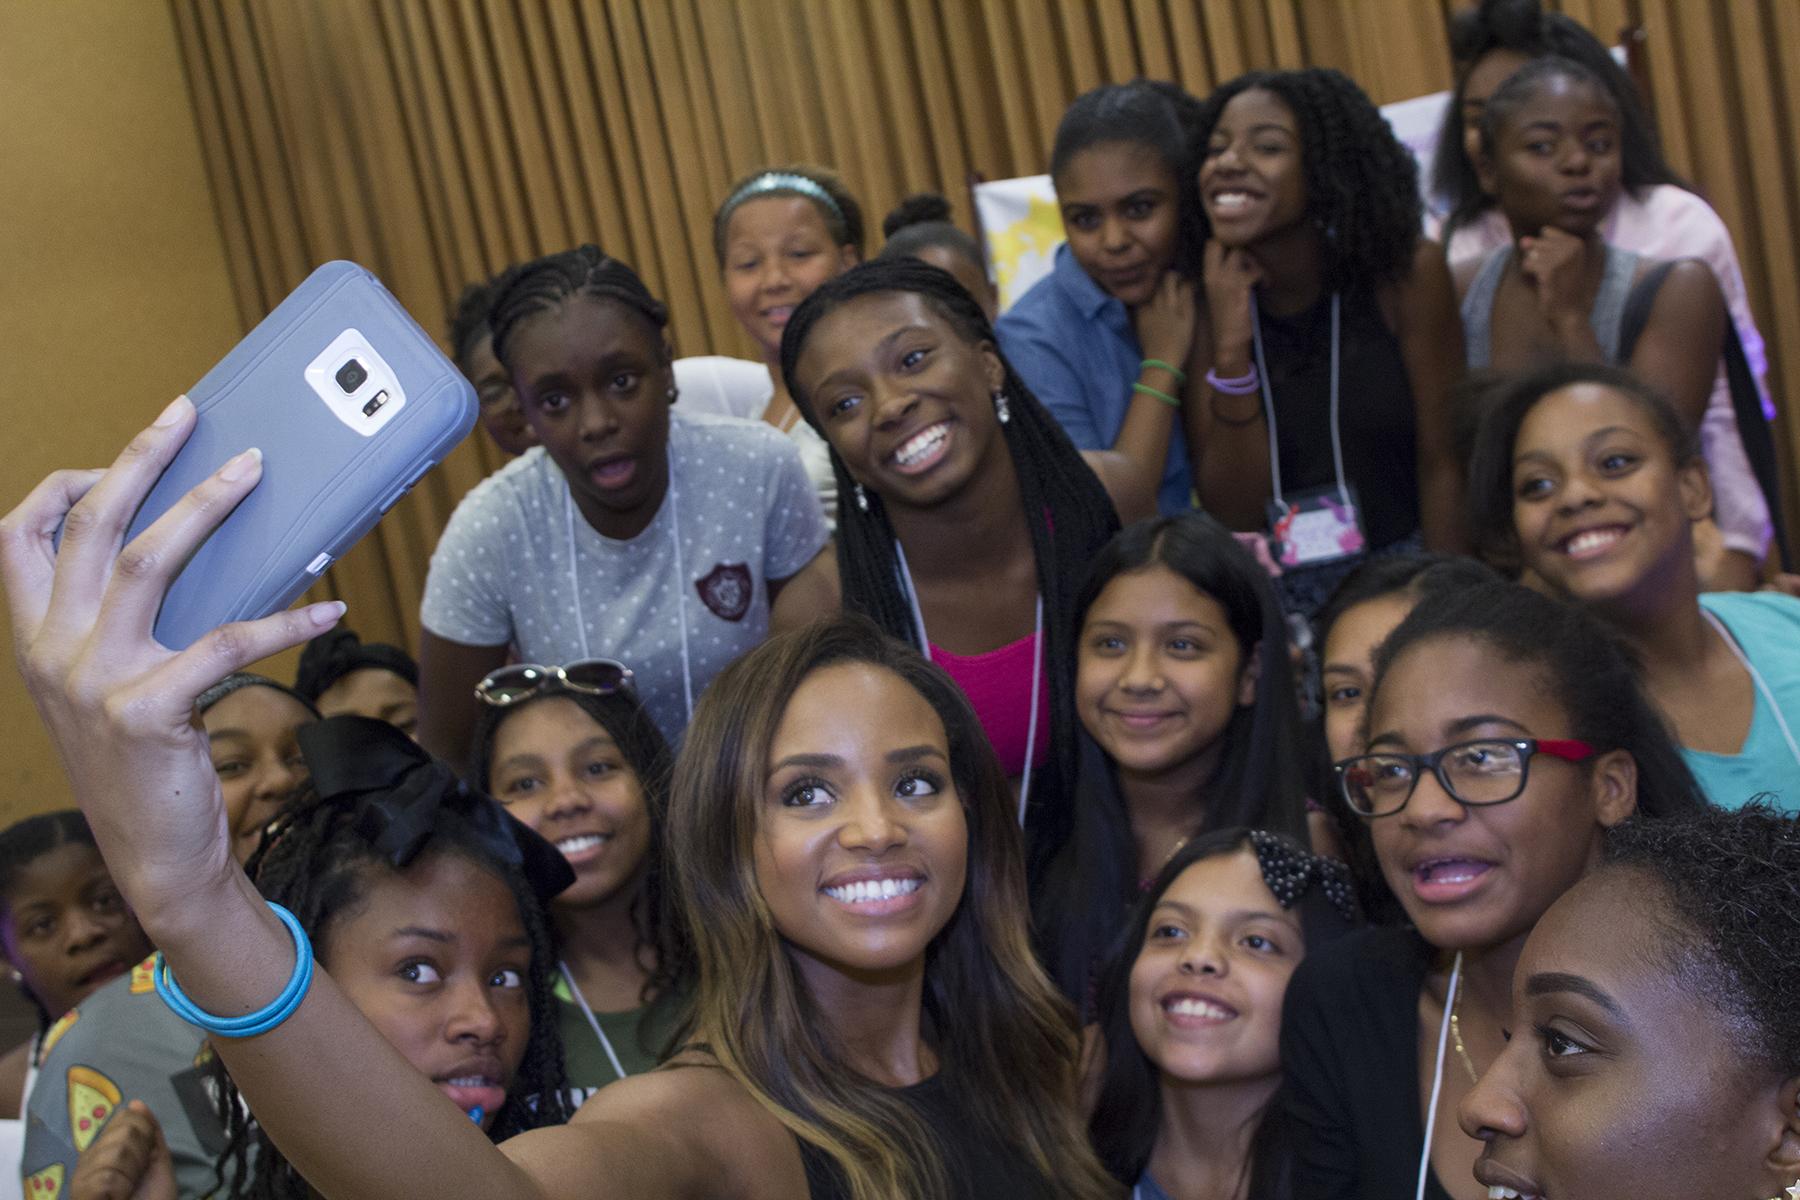 Meagan's favorite selfie! -